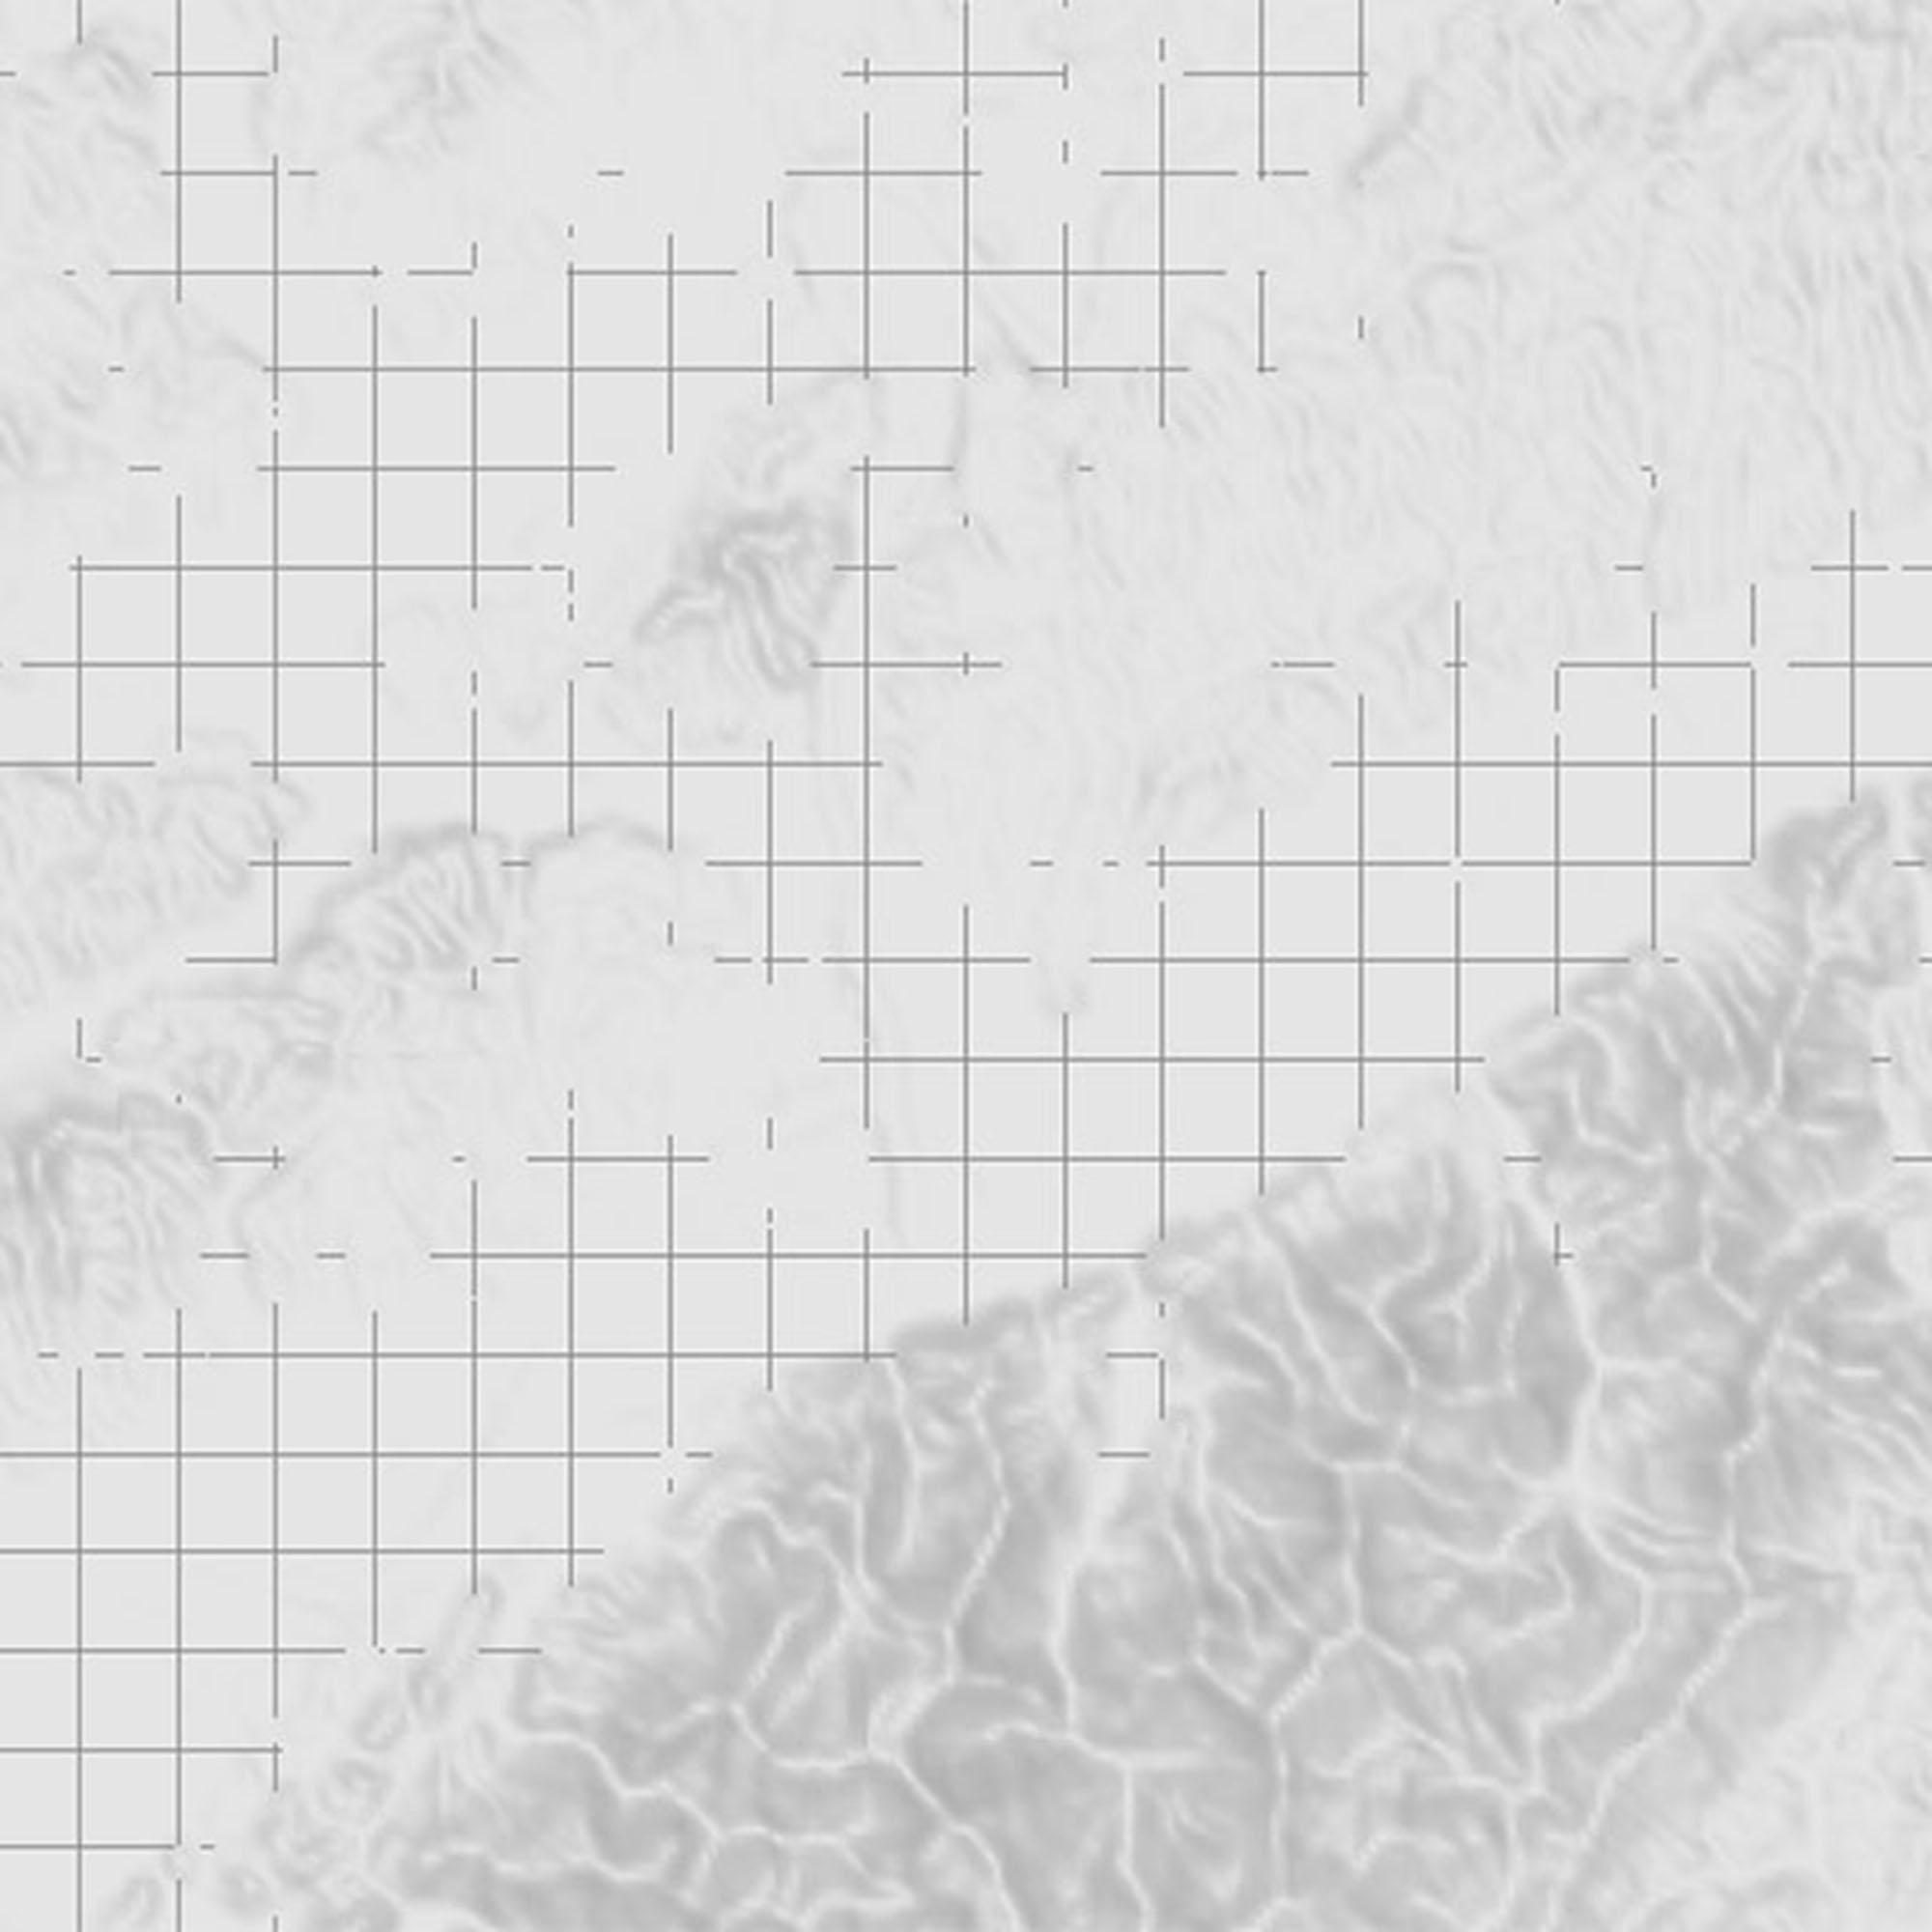 topo through grid.jpg